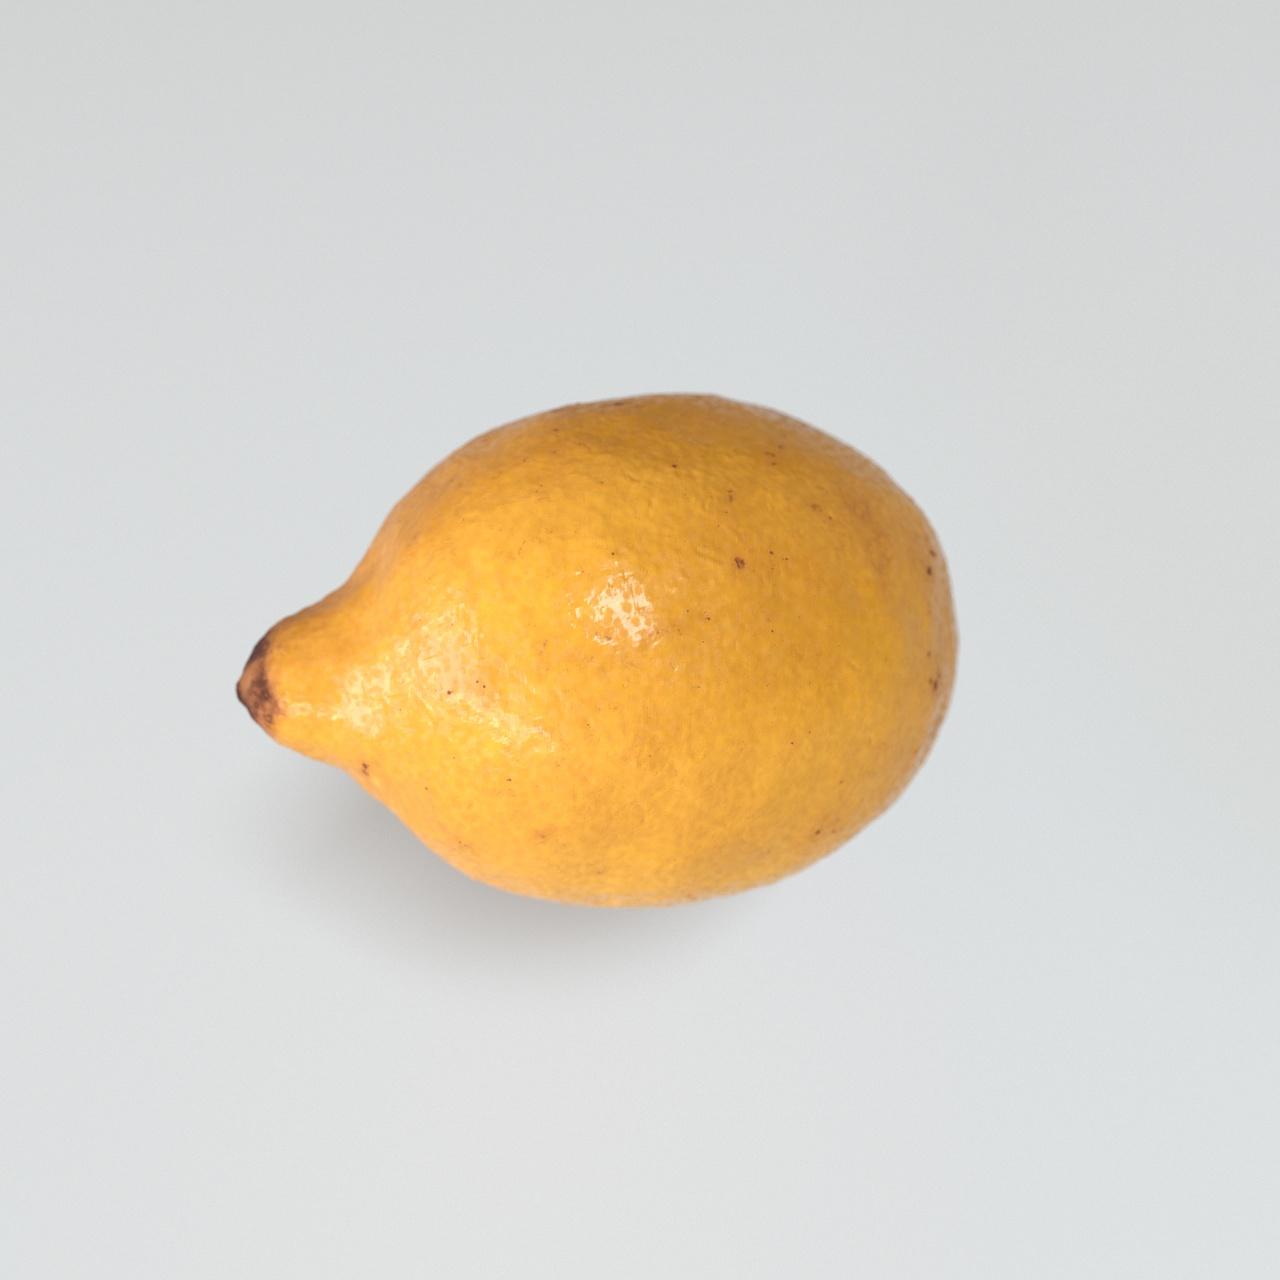 Zitrone Gelb 3D Rendering Eder Stefan Grieskirchen